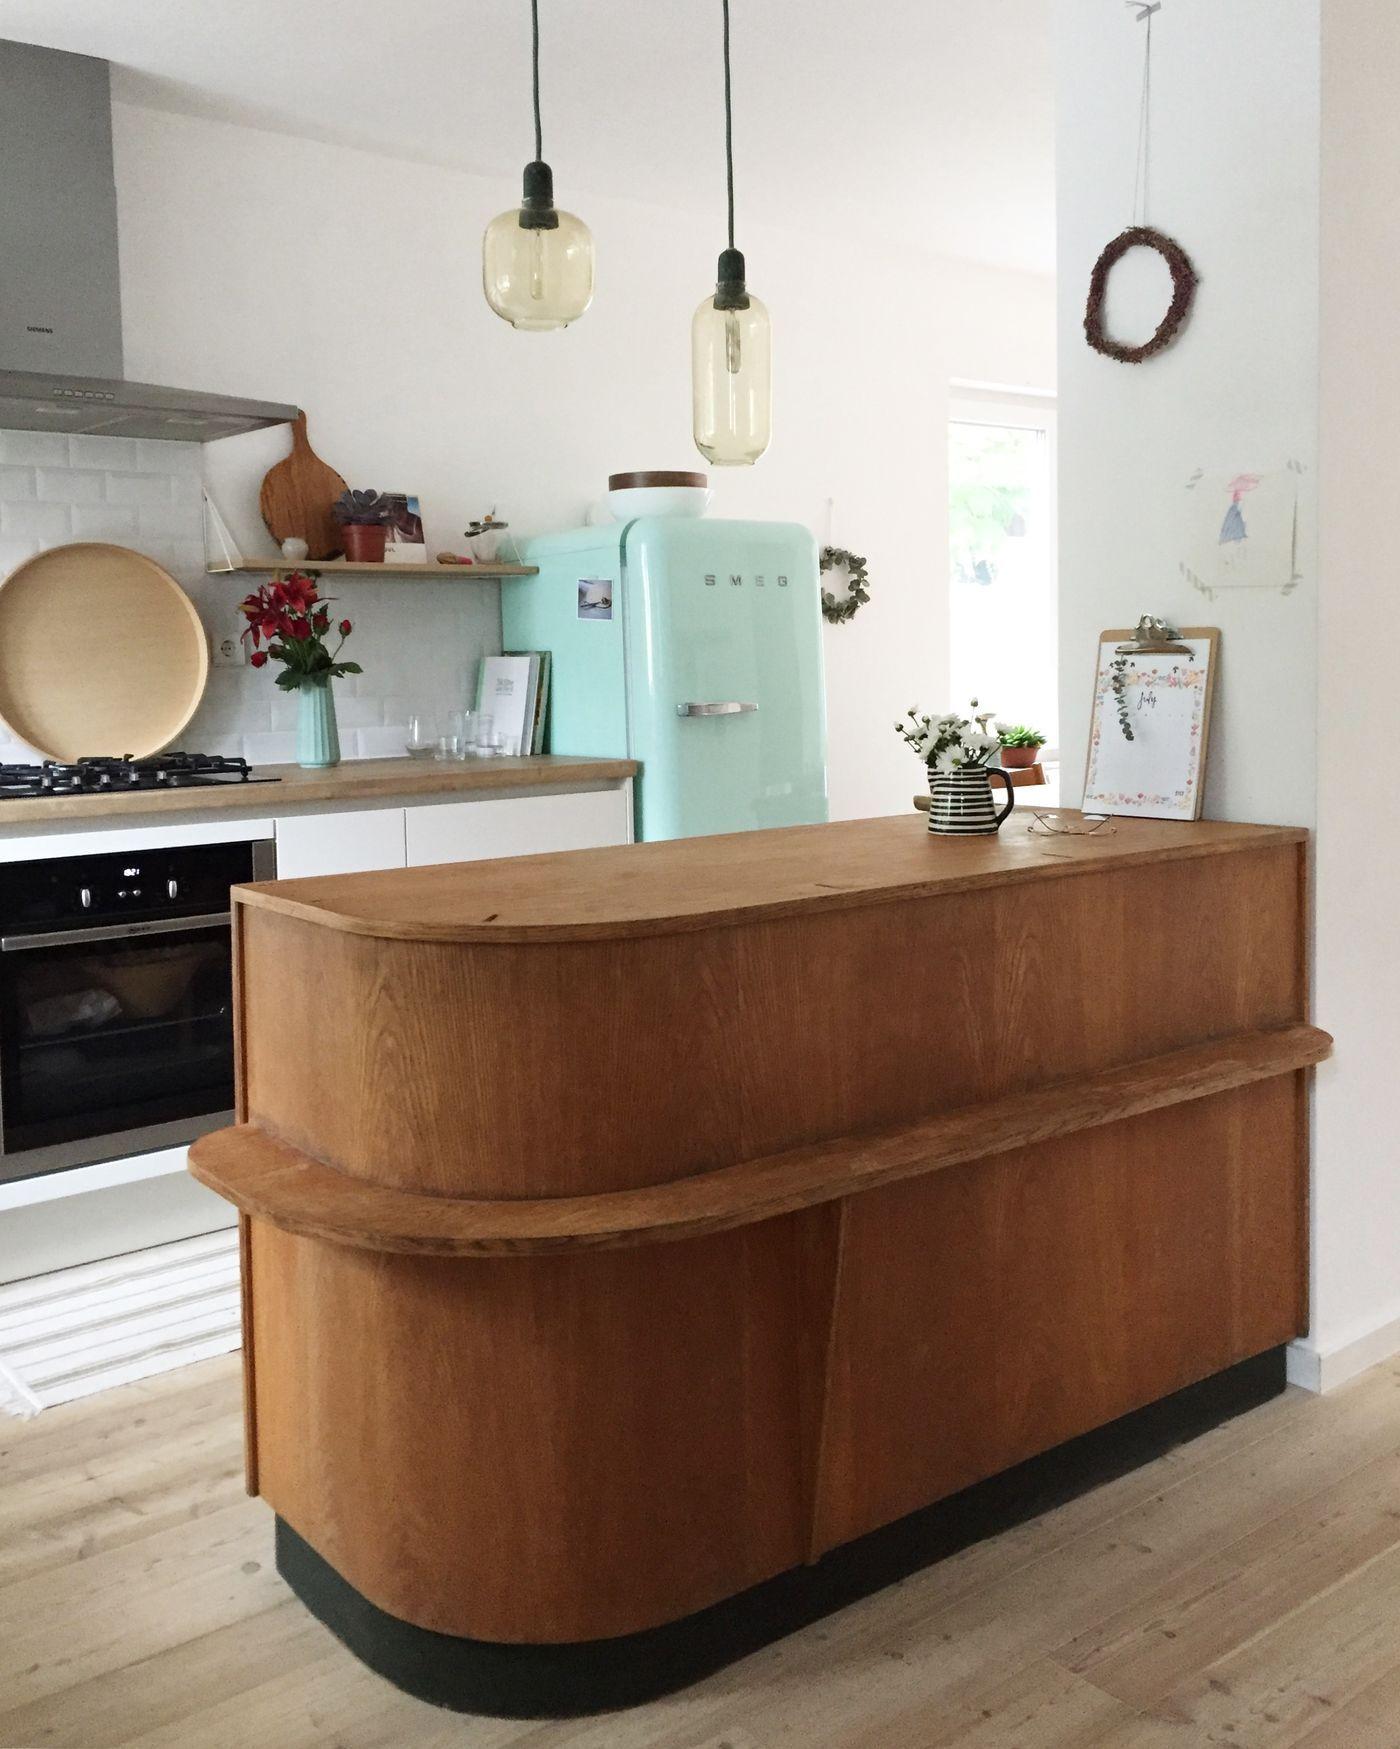 Full Size of Schnsten Kchen Ideen Sofa Alternatives Küchen Regal Wohnzimmer Alternative Küchen